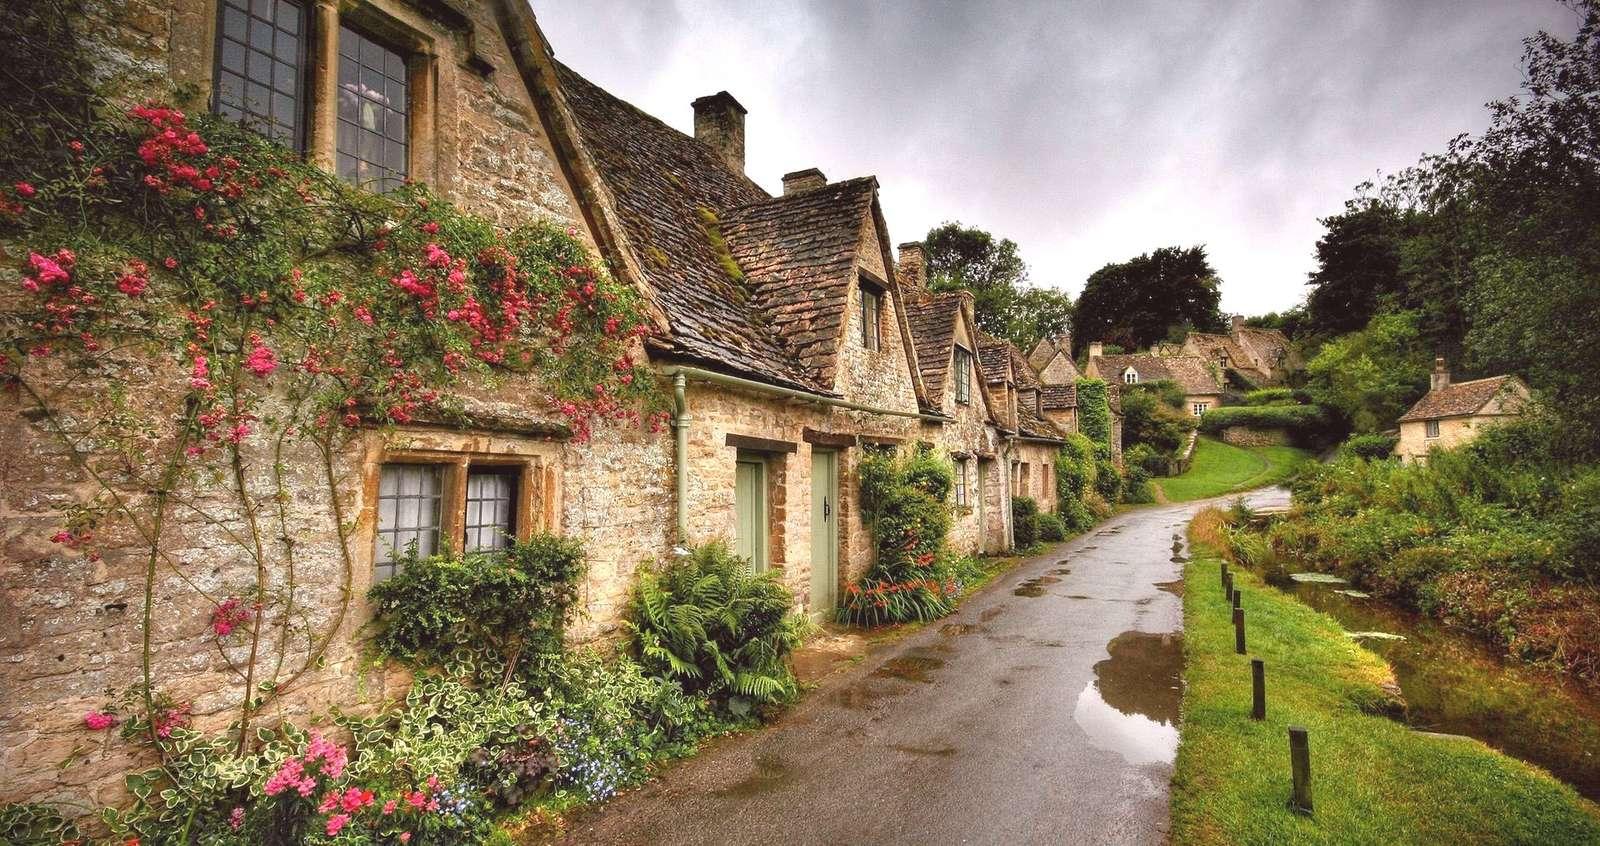 Una strada in Inghilterra - Costruzione inglese (10×10)